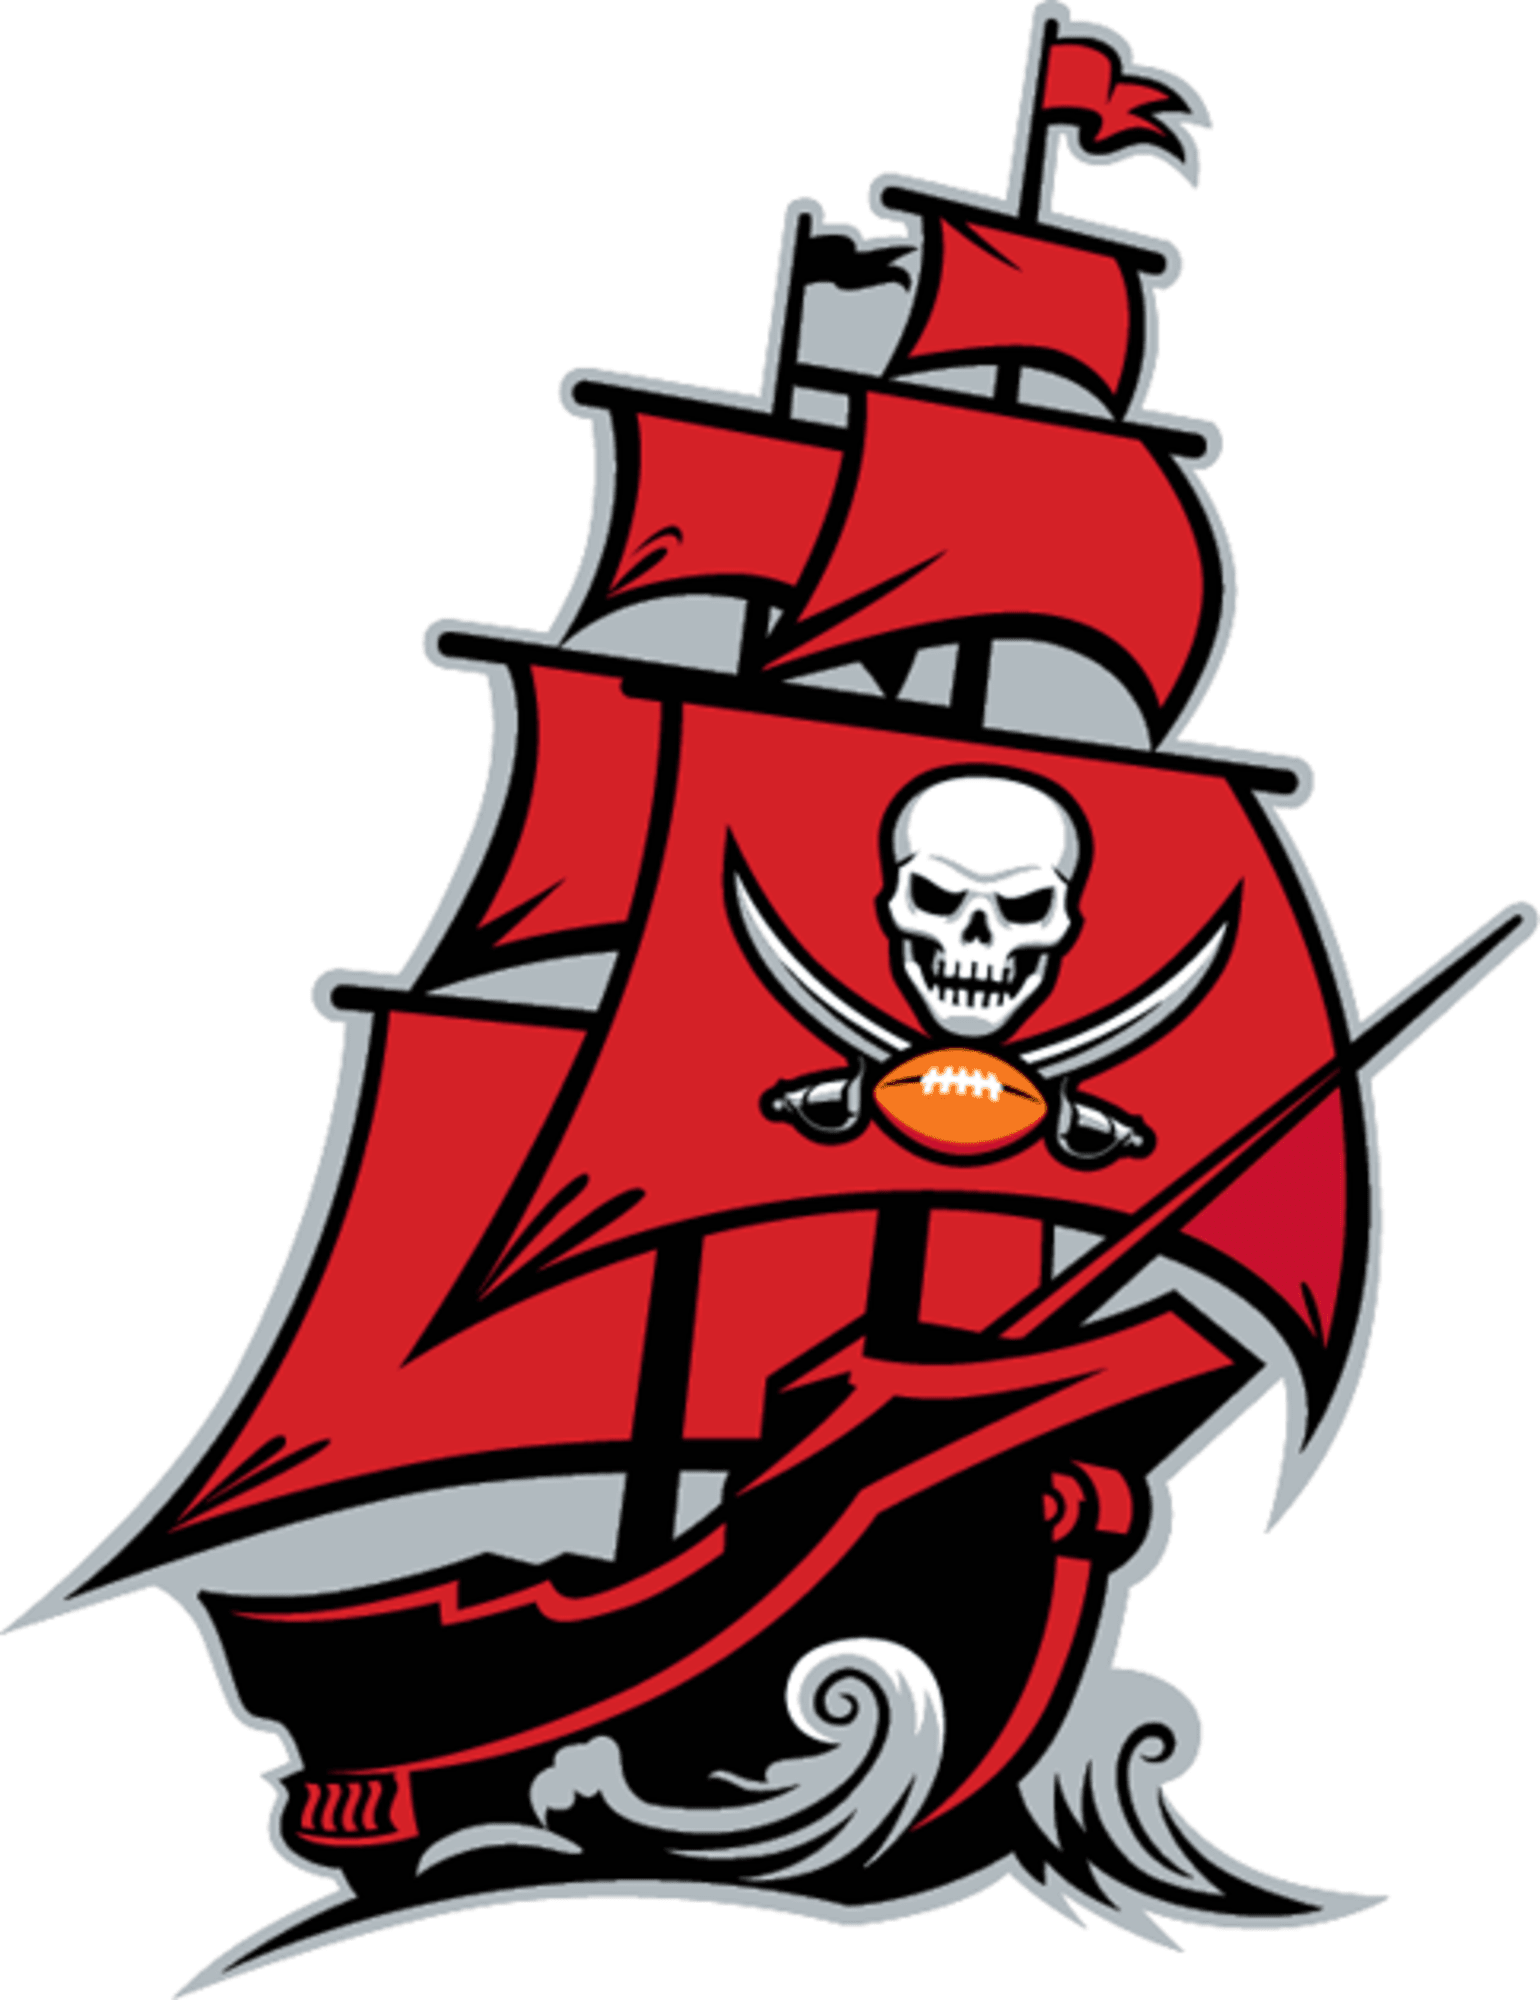 Tampa Bay Buccaneers debut alternate pirate ship logo (Photo)